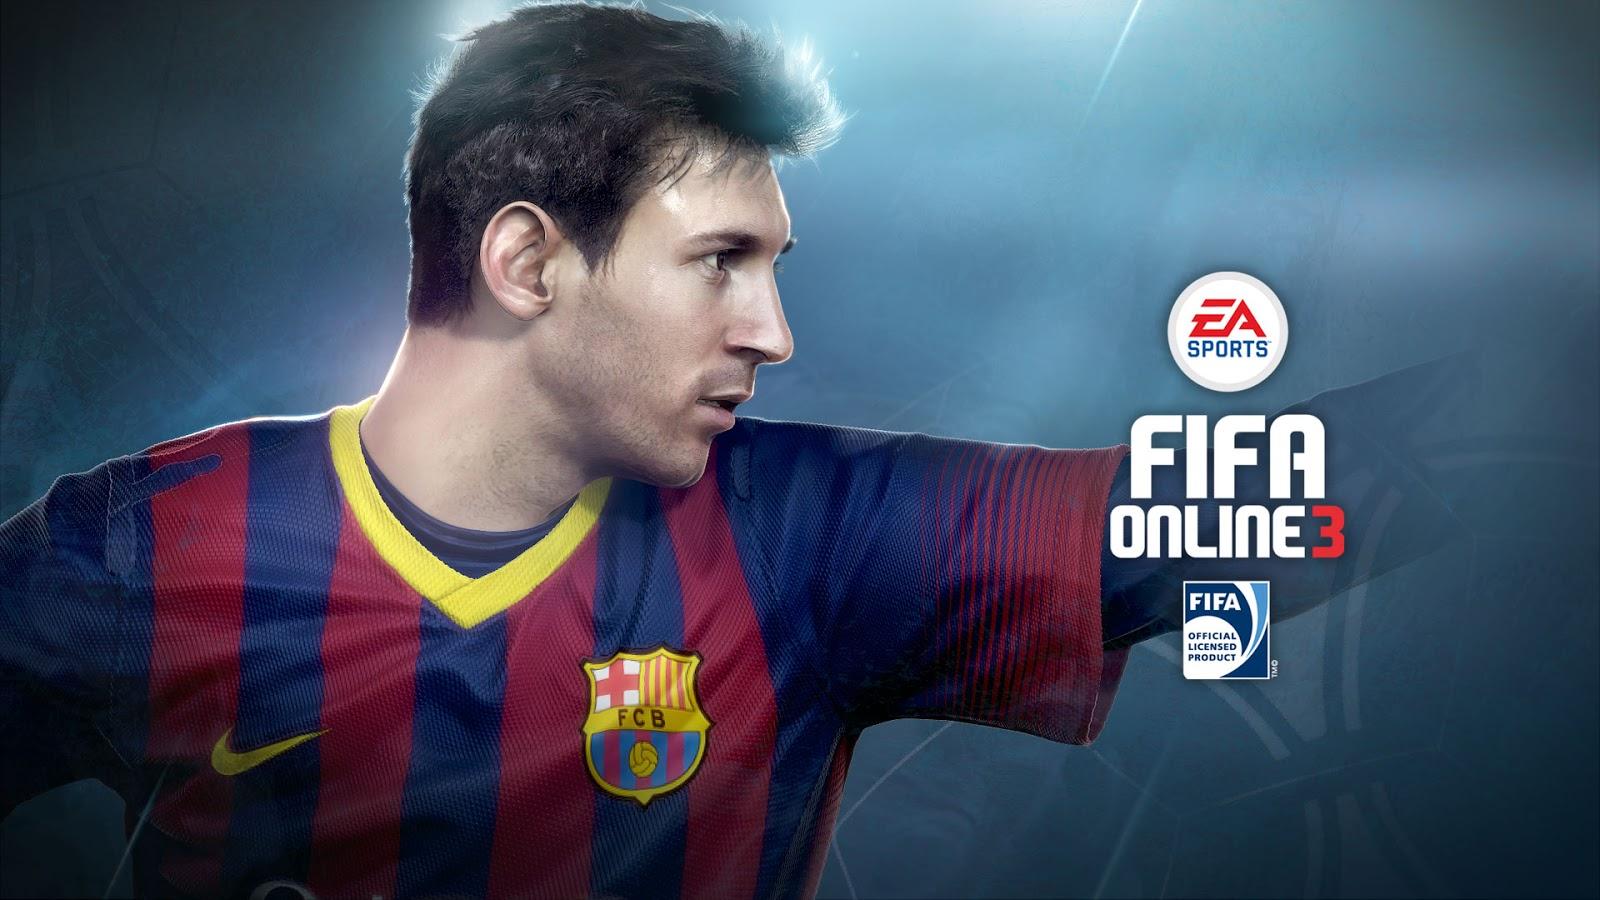 Formasi terbaik di Fifa Online 3